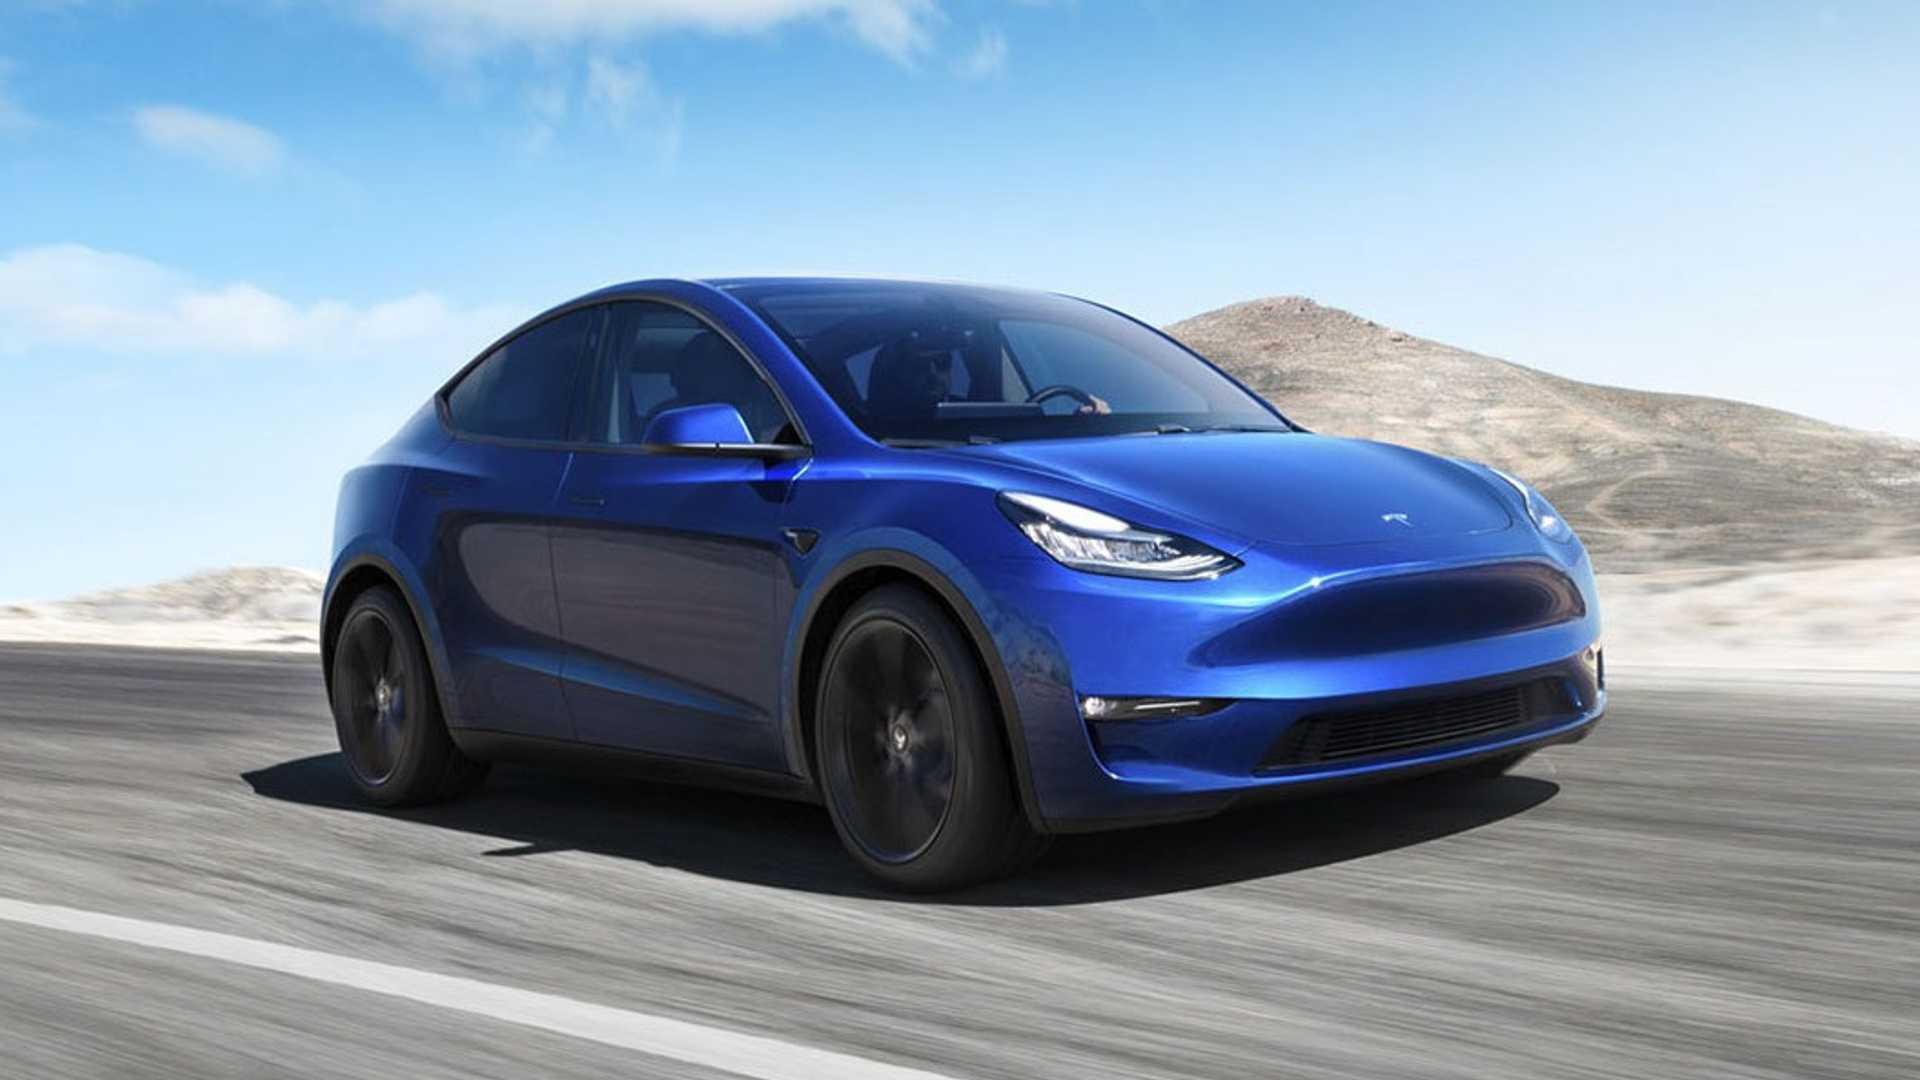 特斯拉今日发布入门级SUV Model Y:起价39000美元